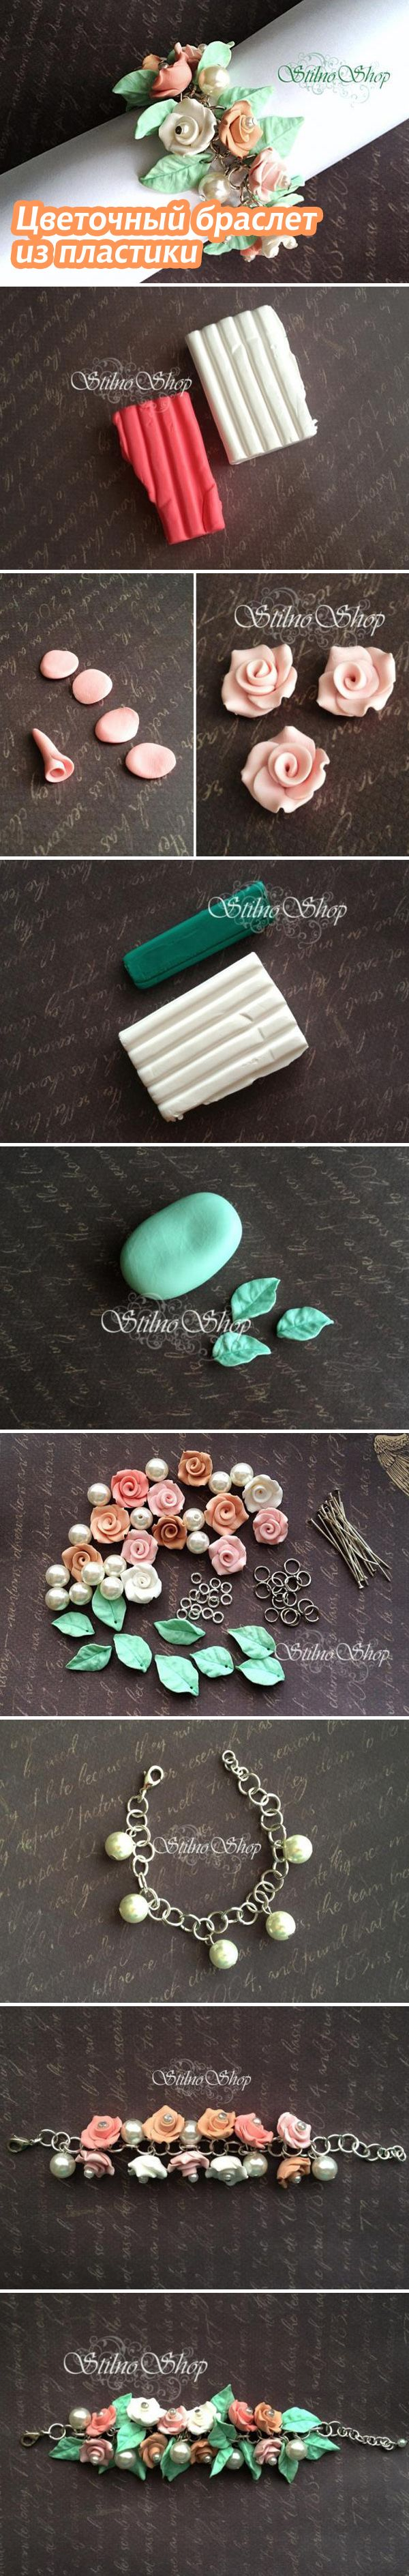 Мастерим нежный браслет из бусин и цветов (лепка и сборка) / Polymerclay Bracelet Tutorial